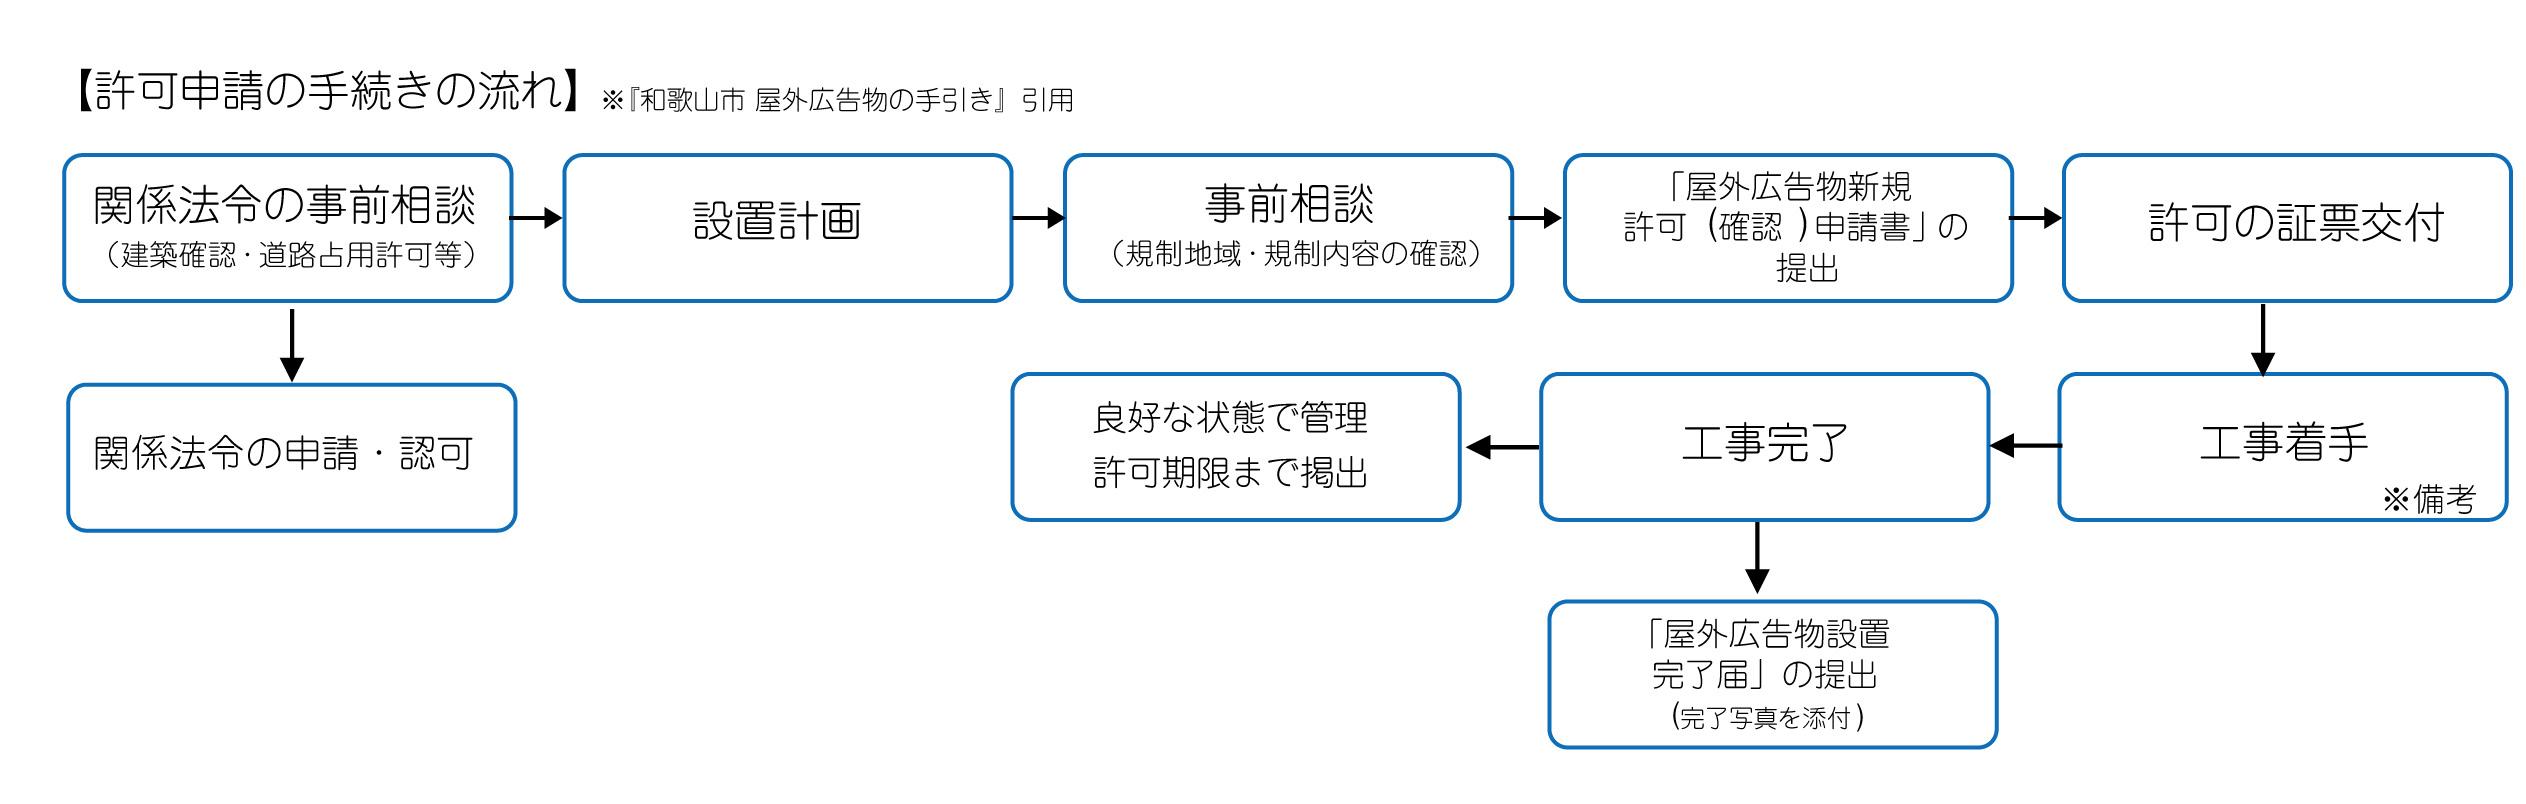 看板設置の申請の流れの画像